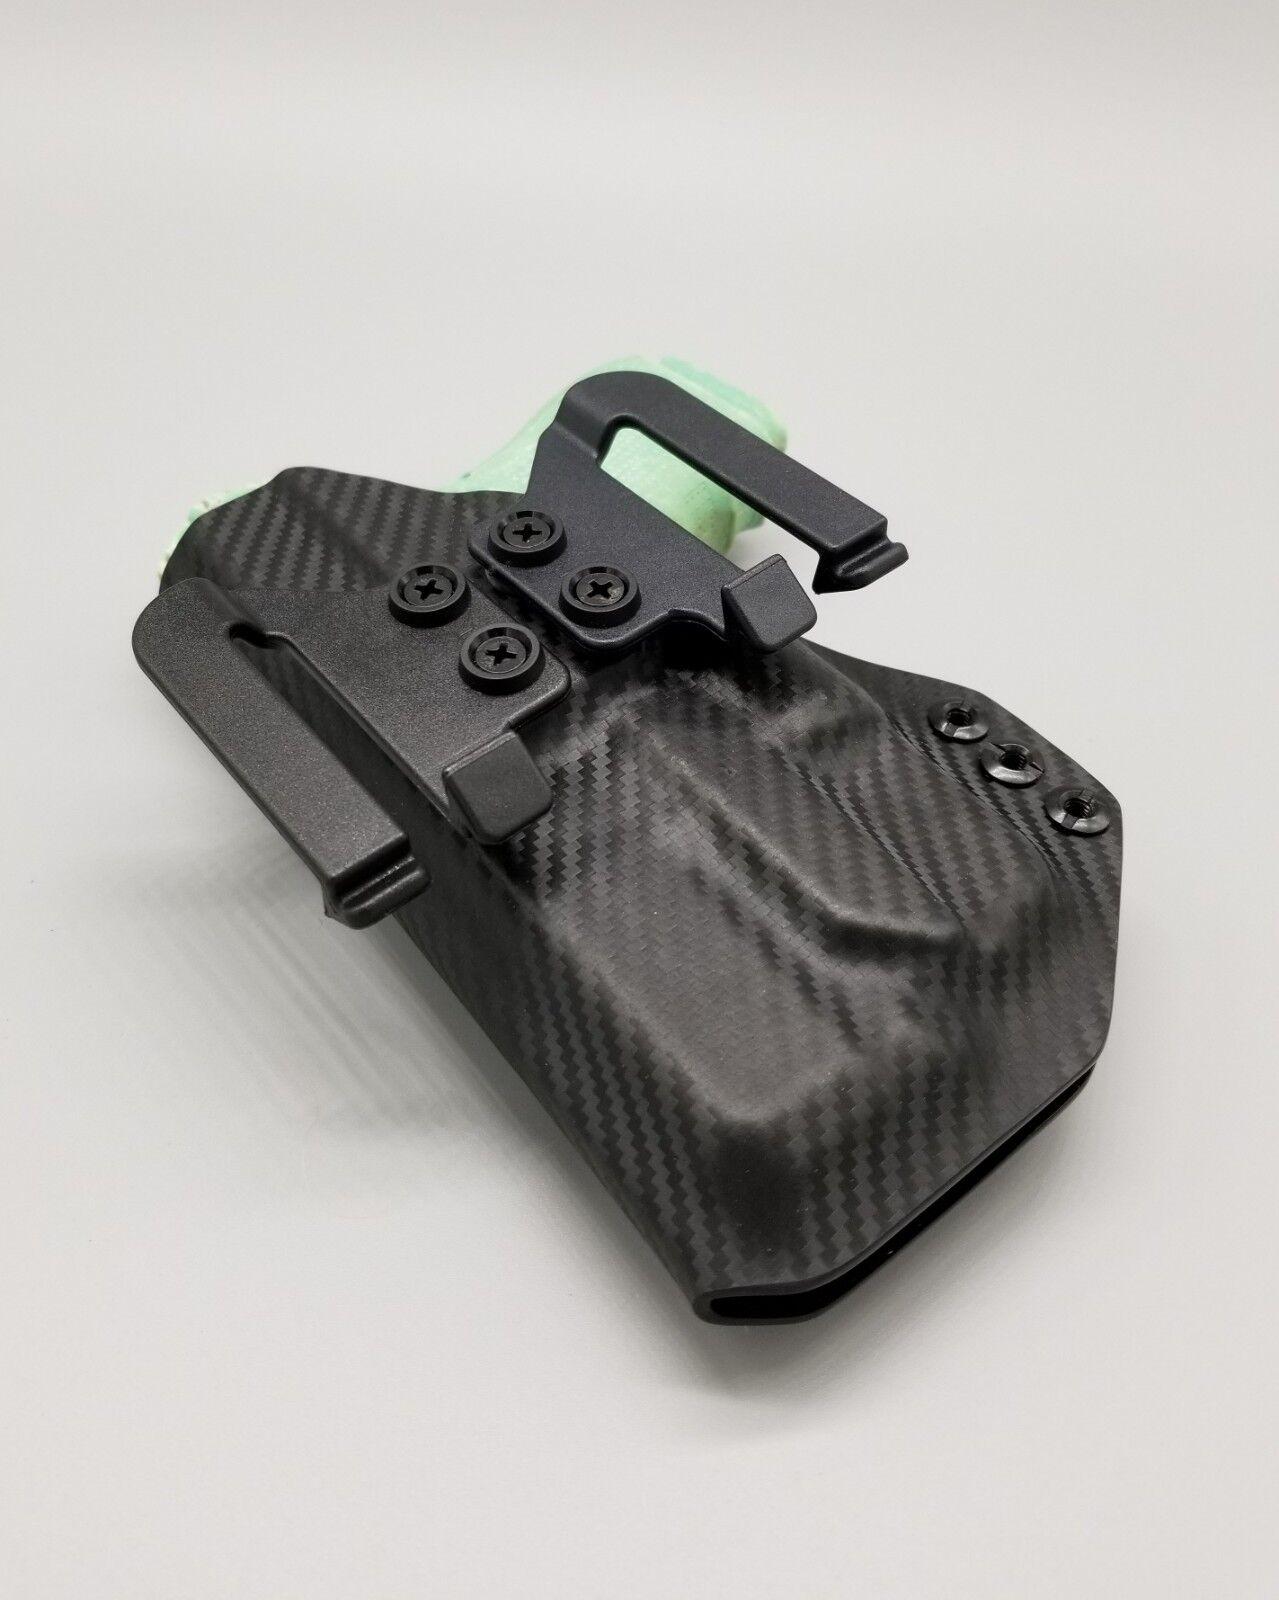 Kimber Micro 380 con TLR6-Negro de fibra de carbono funda Kydek owb con clips de velocidad